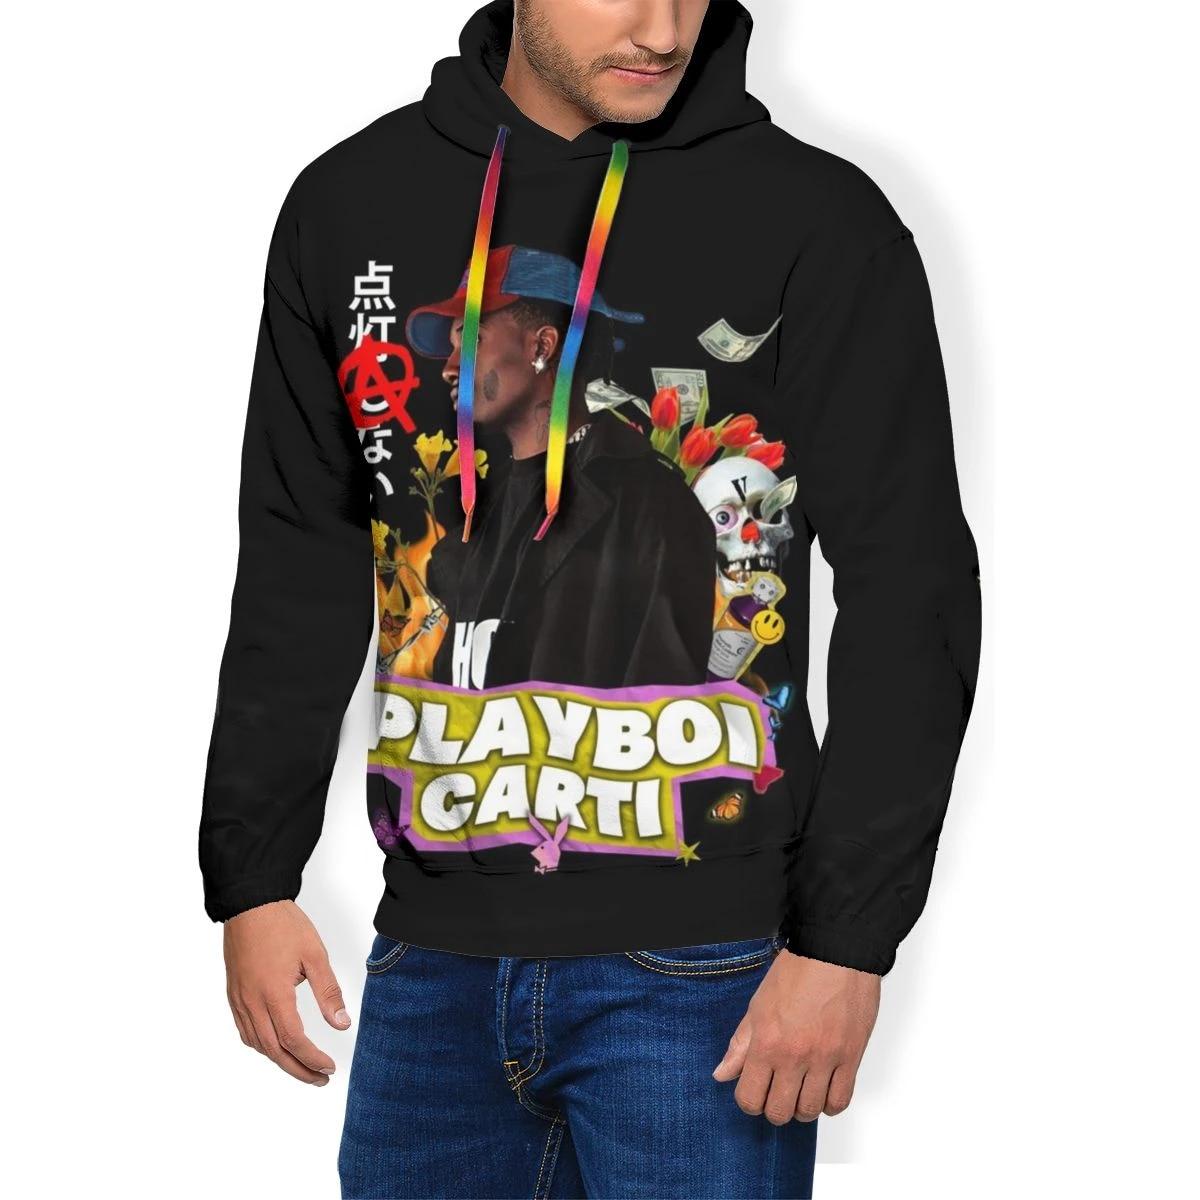 Playboi Carti Hoodie Playboi Carti Hoodies Xxx Polyester Pullover Hoodie Warm Male Long Sleeve Nice Hoodies Hoodies Sweatshirts Aliexpress